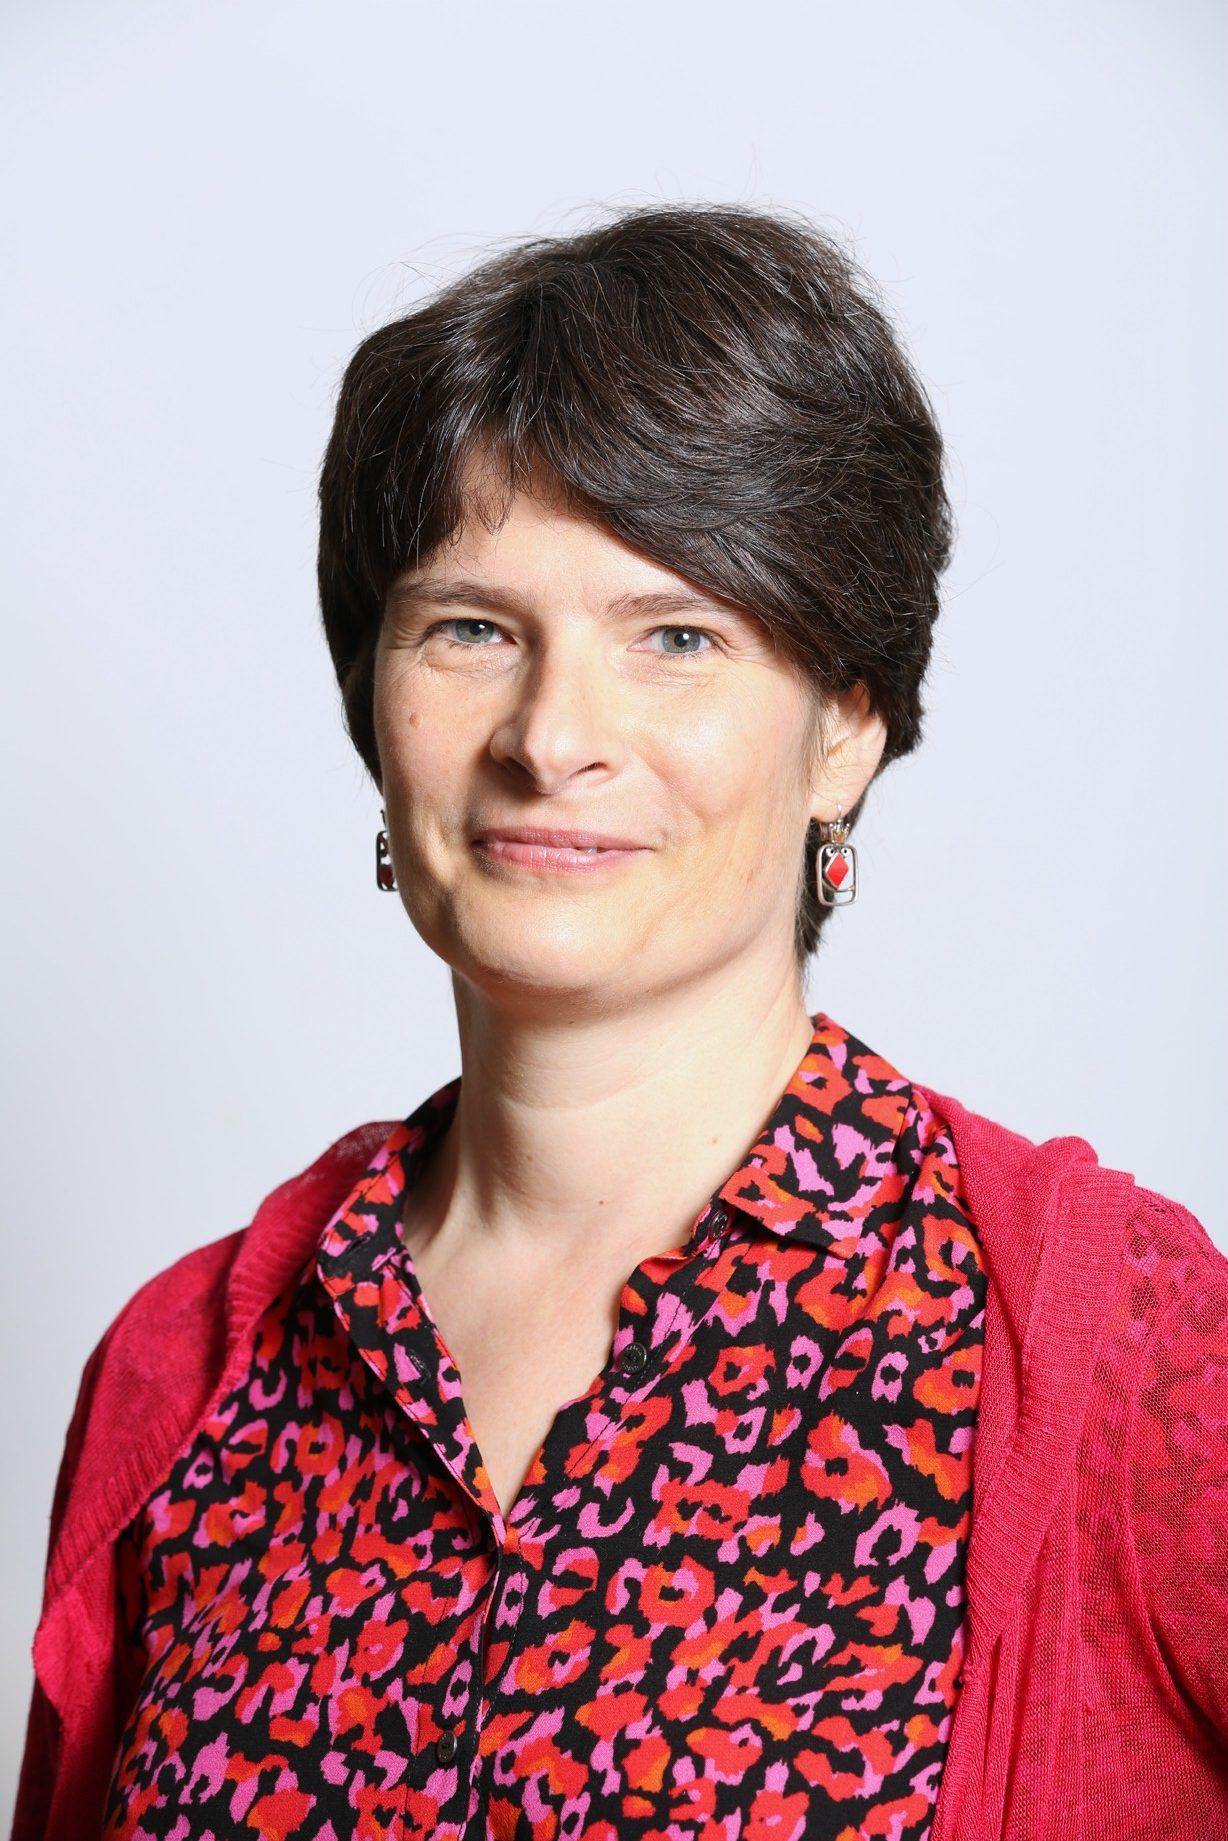 Nathalie-Stievenart